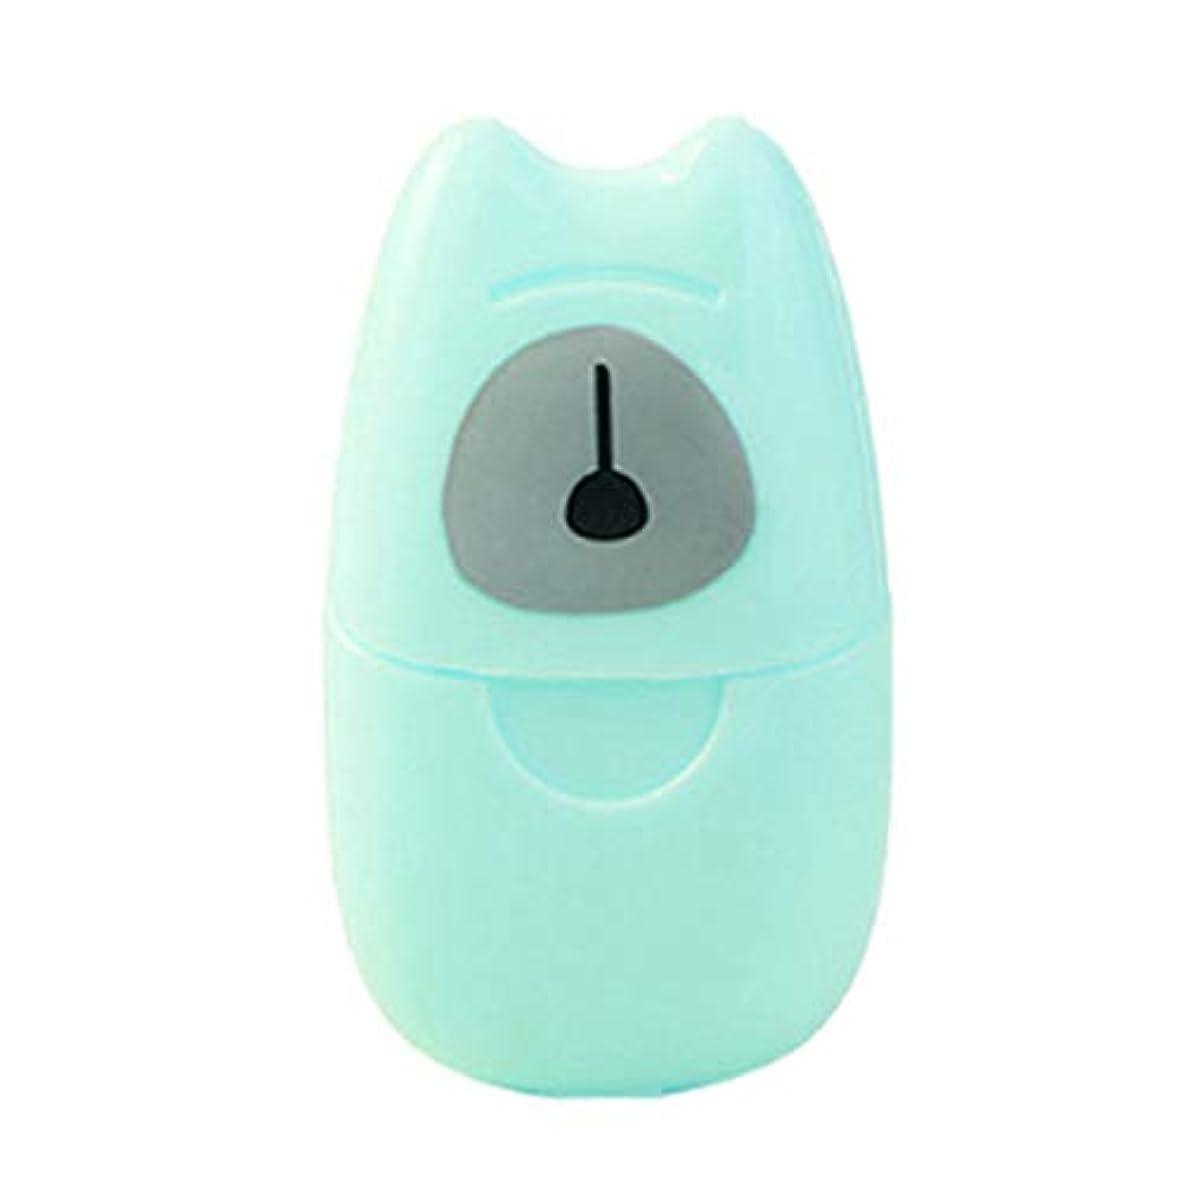 サイクロプス繁栄モバイルGeafos ペーパーソープ 紙せっけん 石鹸シート 除菌 香り 超軽量 持ち運び 手洗い 携帯便利 ケース付き お風呂 お出かけ 旅行 3個セット